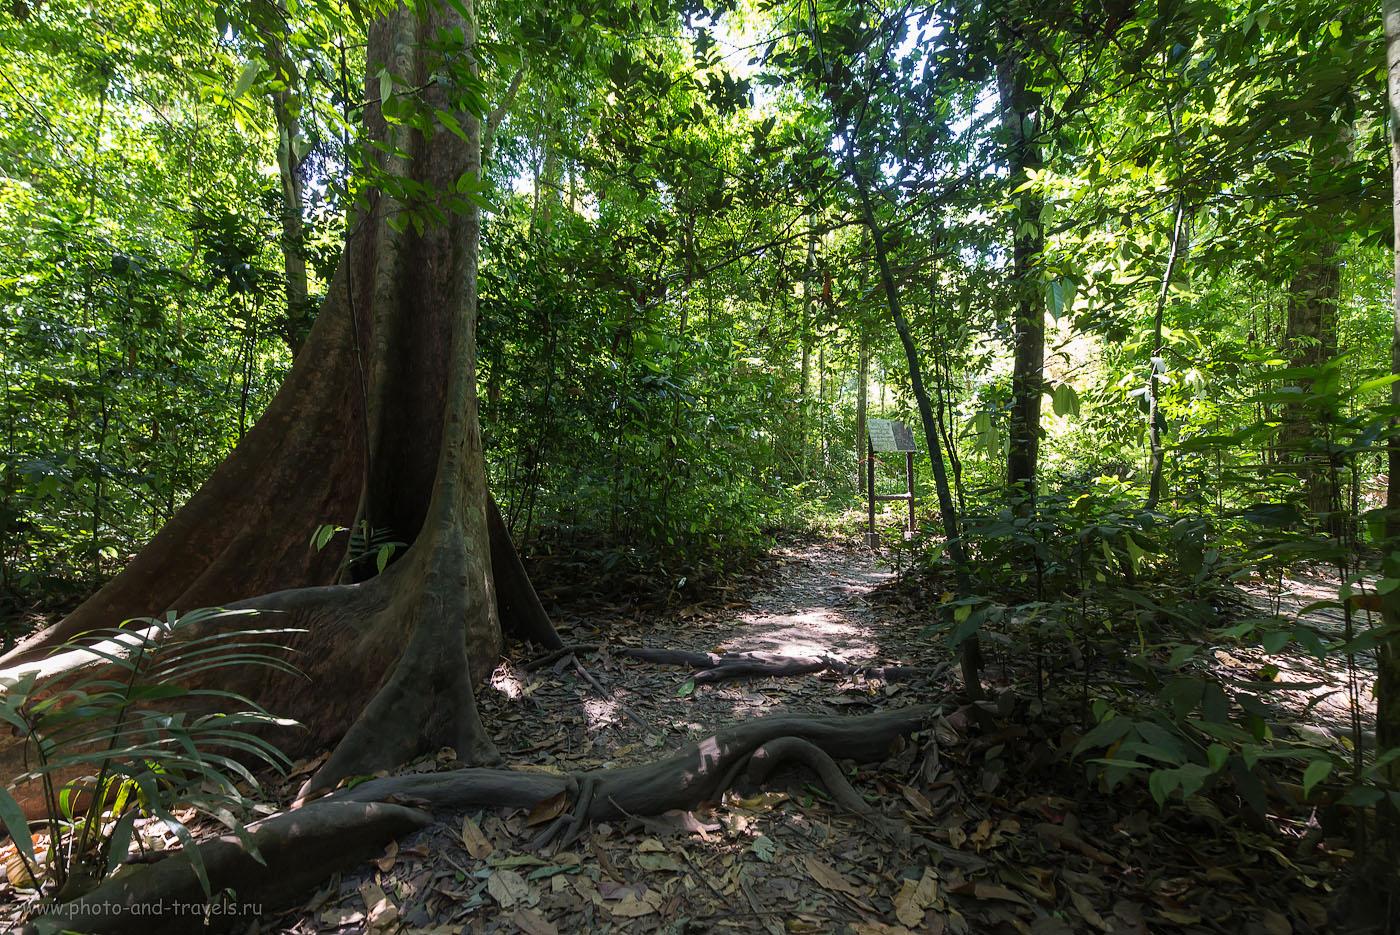 Фотография 20. Деревце в джунглях Таиланда. Отчет о поездке в Краби на машине. Рассказы, что можно посмотреть самостоятельно (800, 14, 8.0, 1/25)